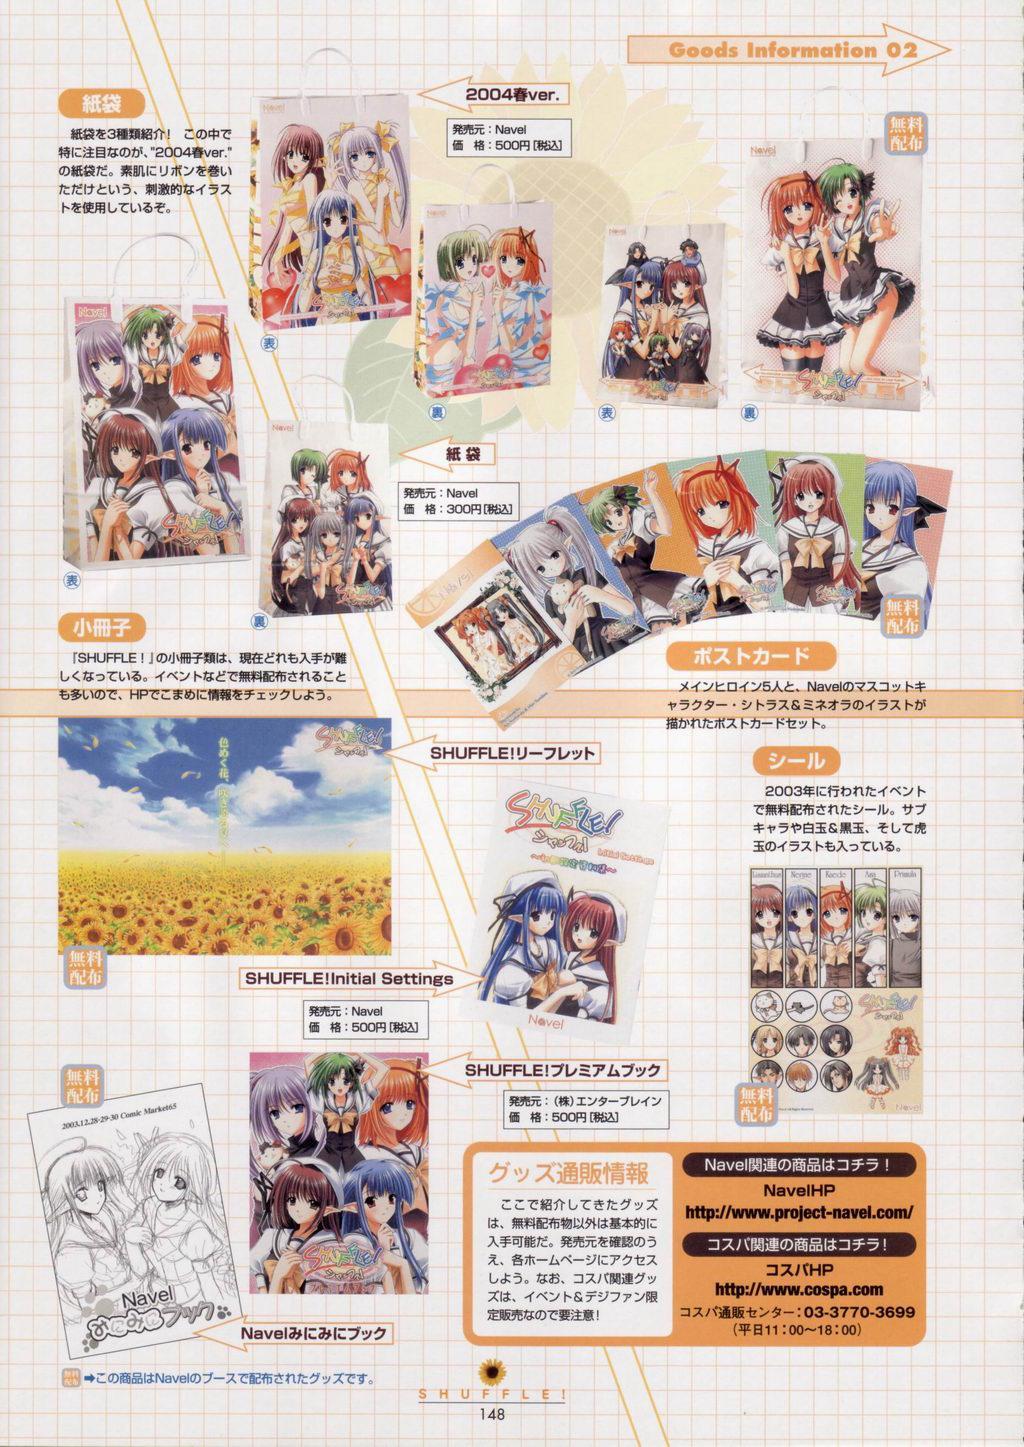 SHUFFLE! Visual Fan Book 148